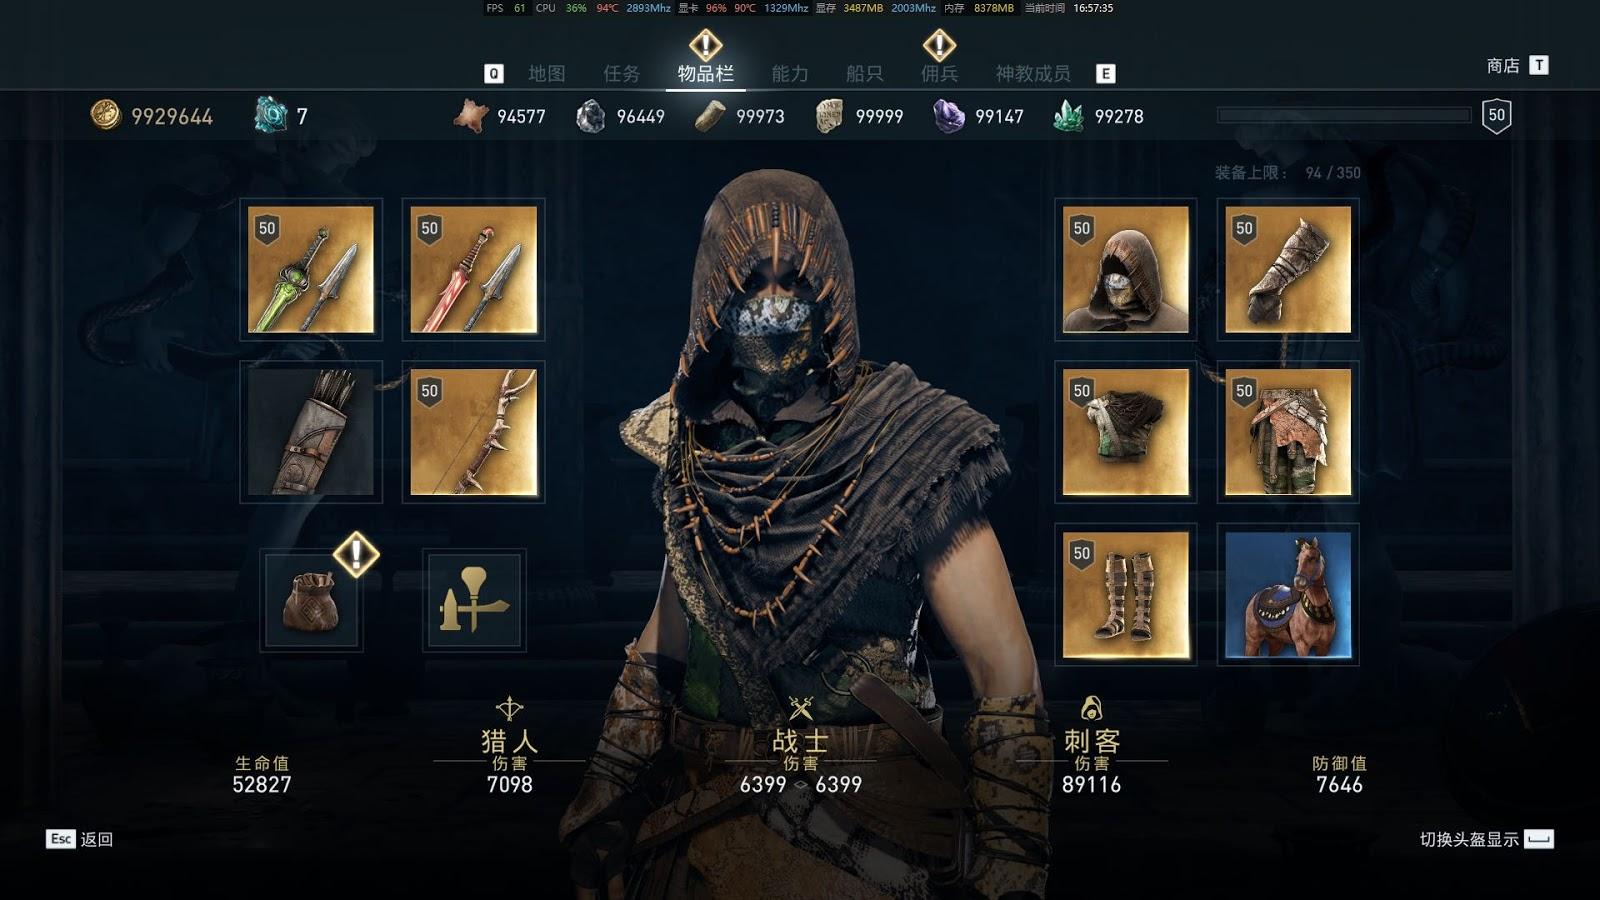 刺客教條 奧德賽 (Assassin's Creed Odyssey) 好看的套裝與武器展示 | 娛樂計程車